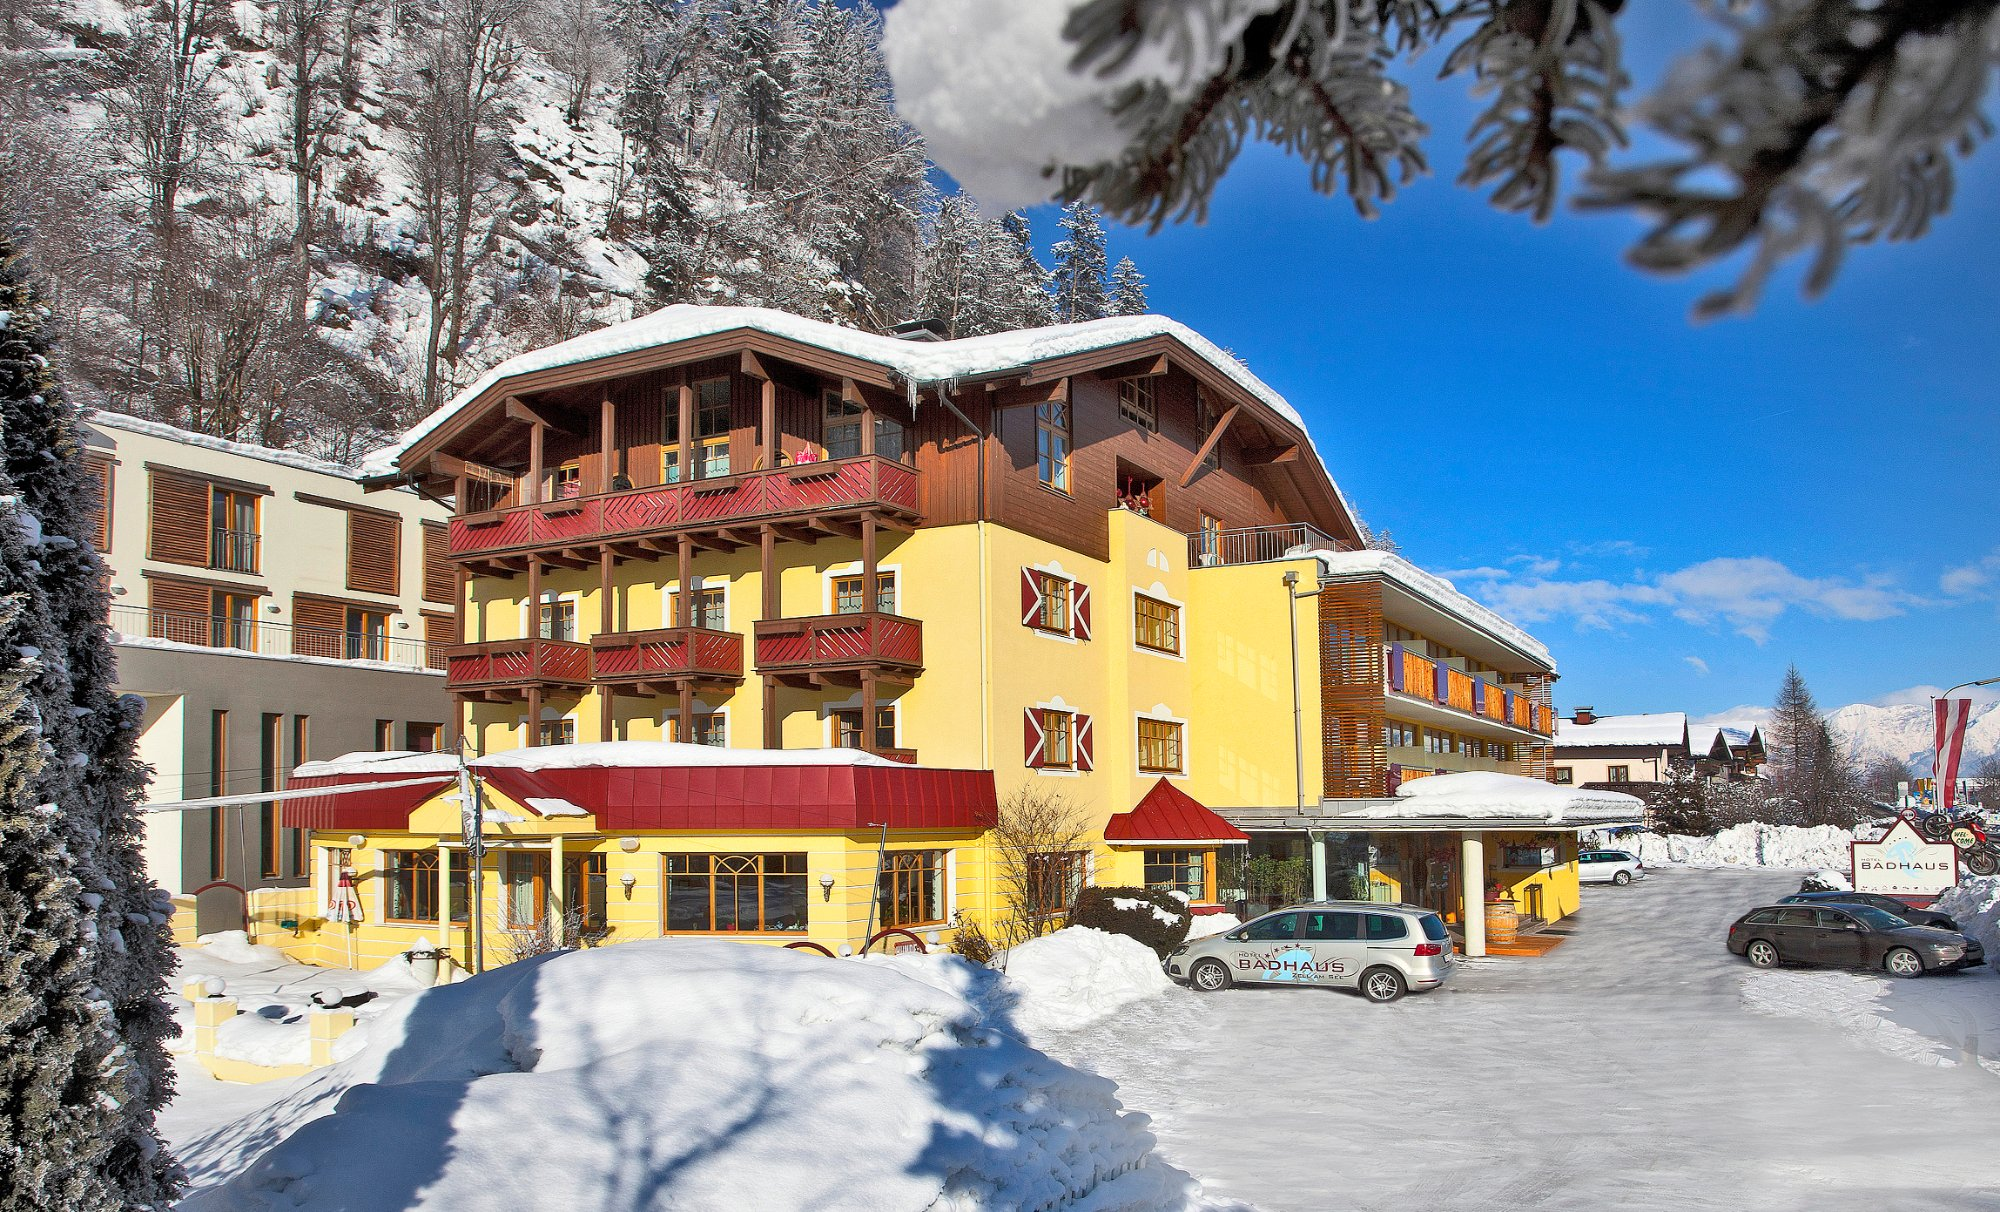 Hotel Badhaus